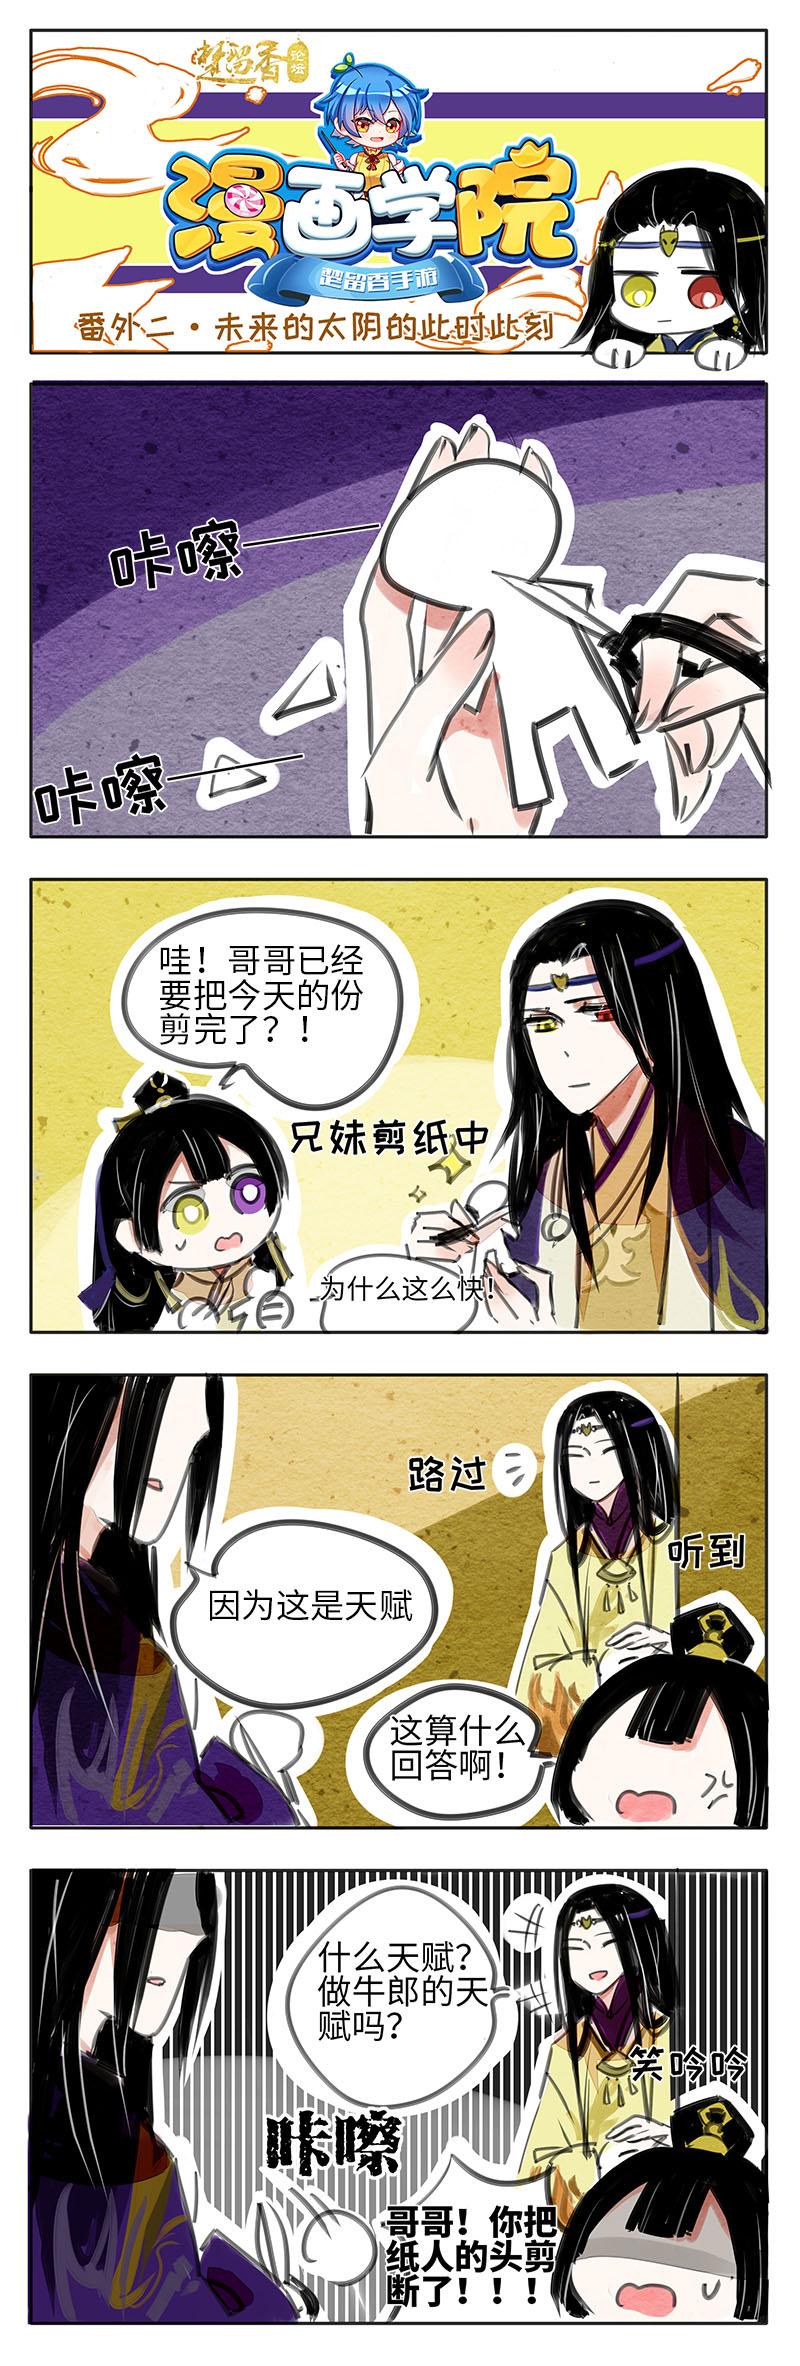 【原创作者联盟】【漫画学院】出道吧!一梦江湖!(番外2)(共3P)